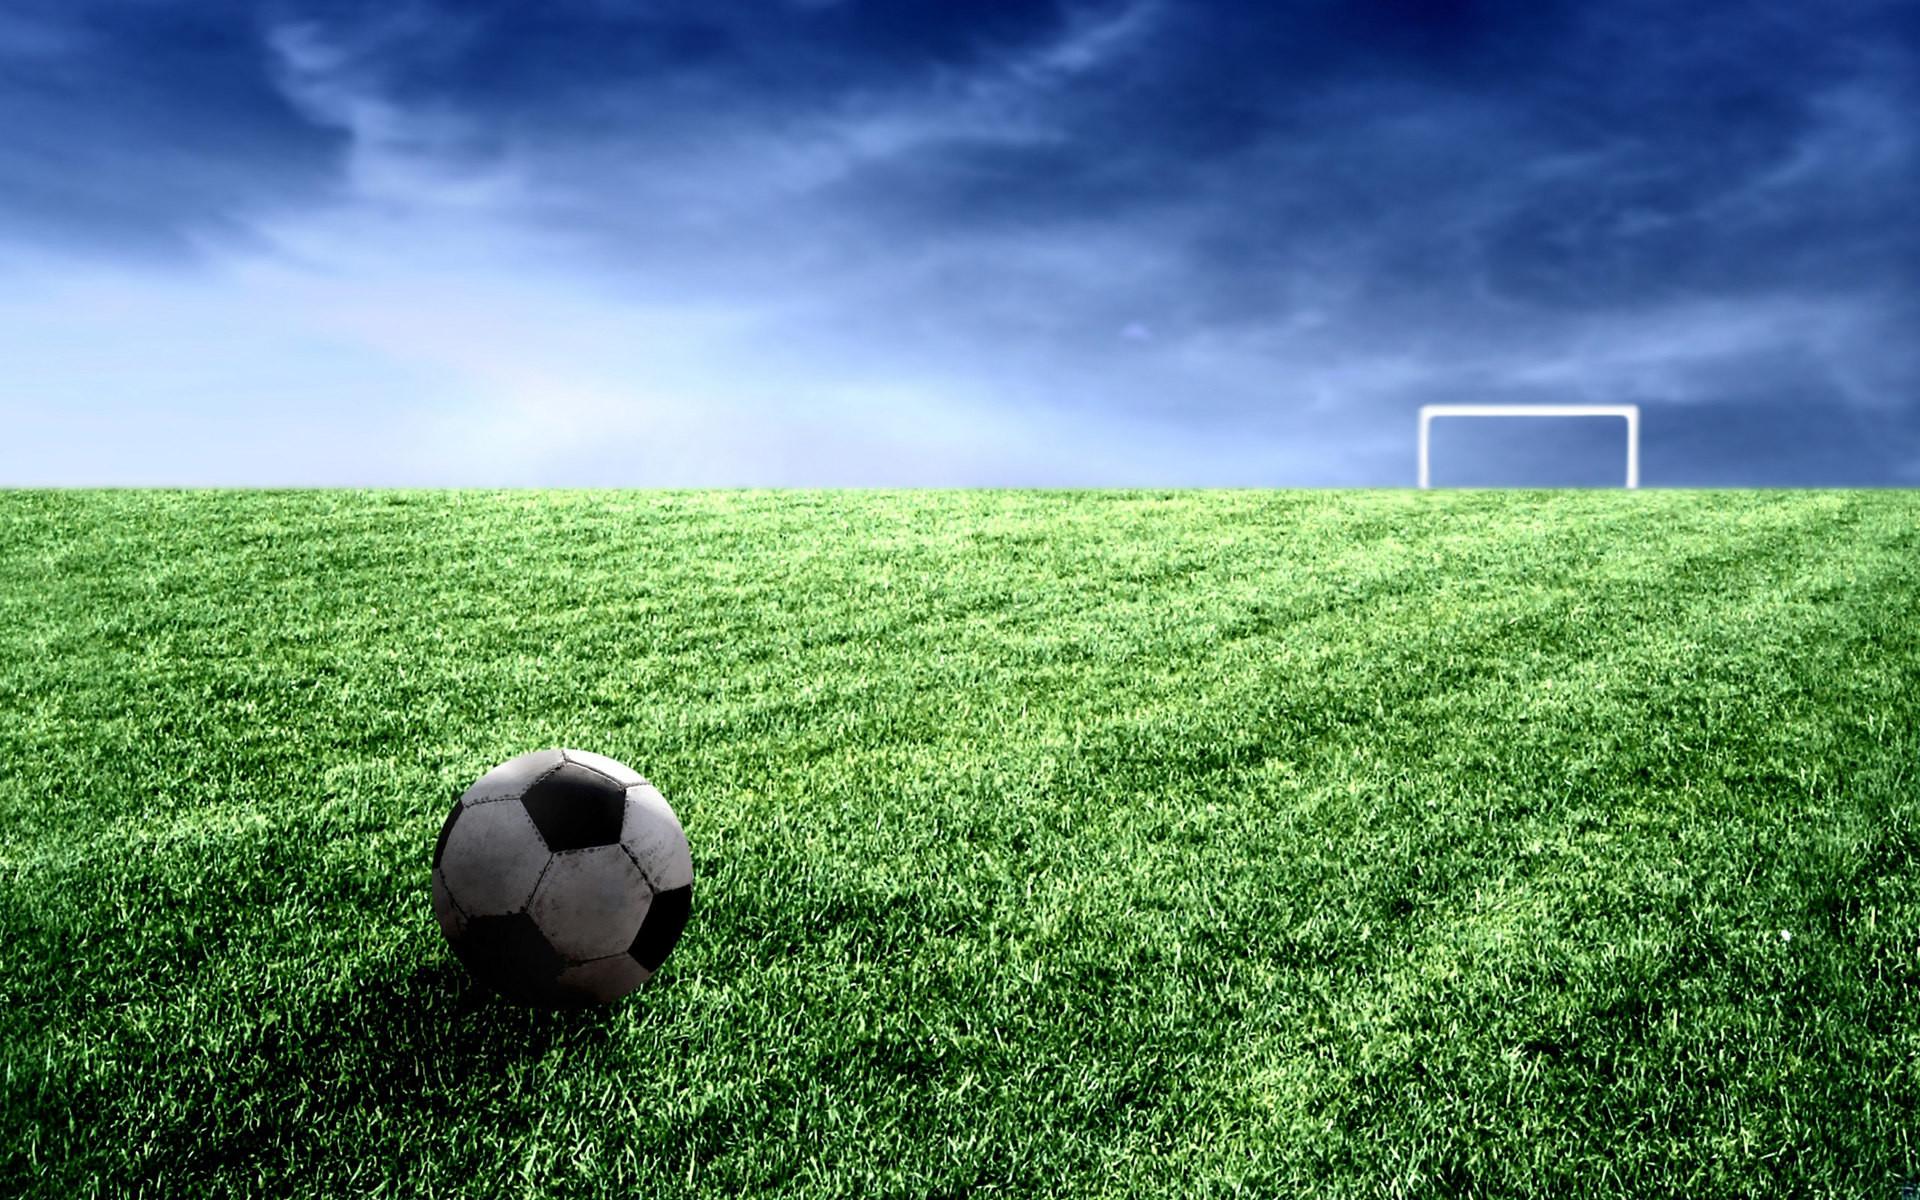 Soccer Field HD Wide Wallpaper for Widescreen